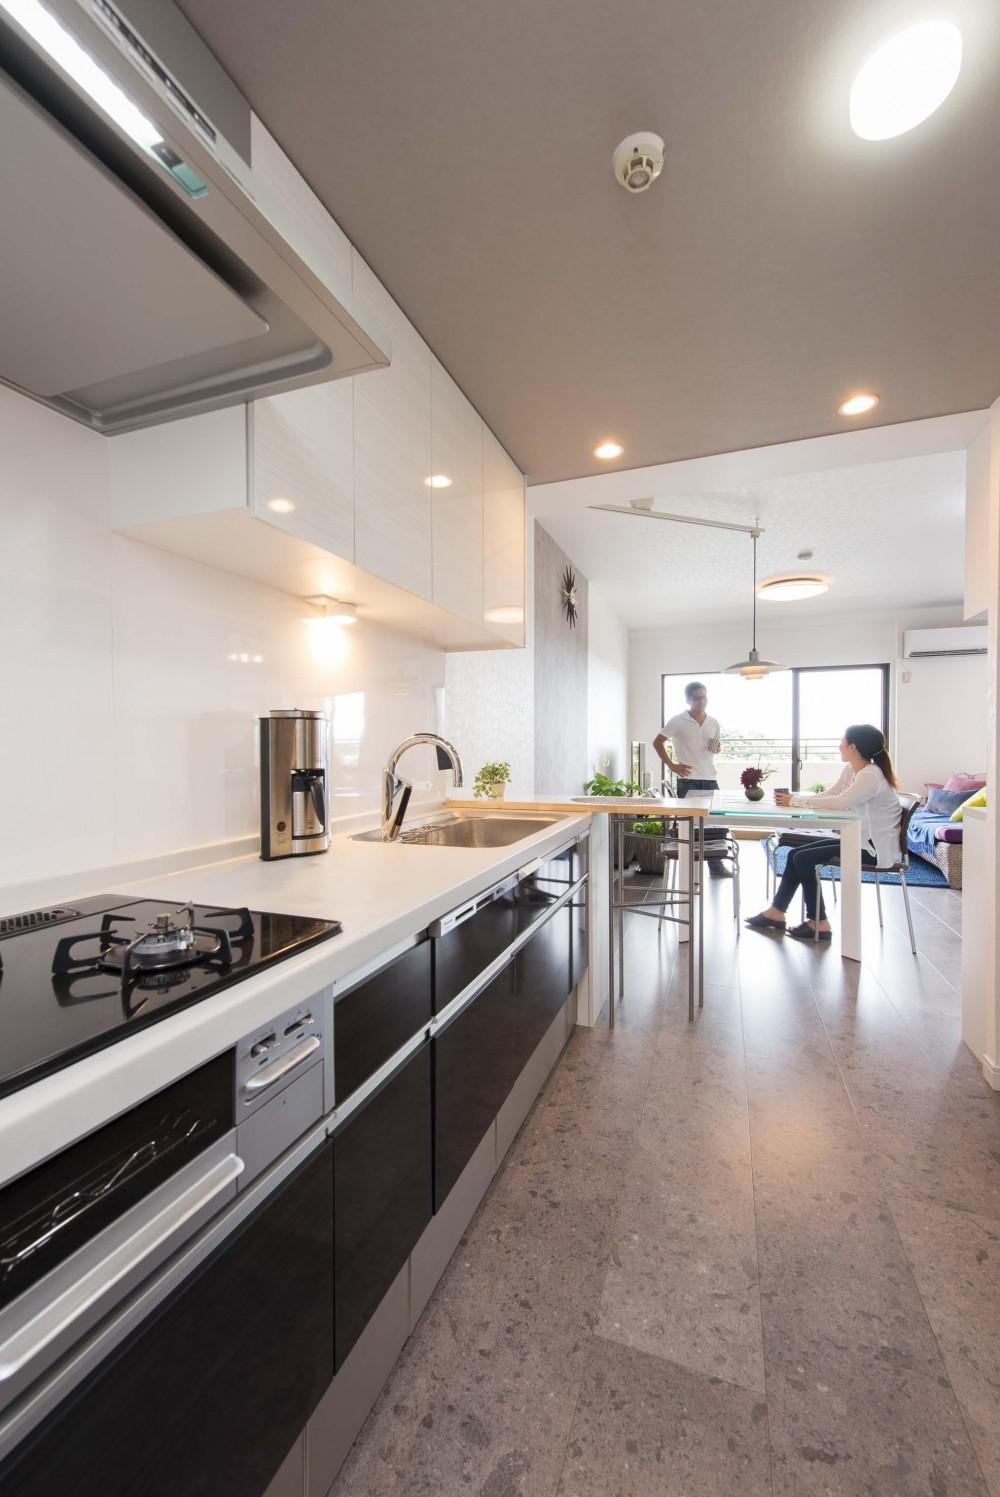 ご家族の生活スタイルに合わせて、中古マンションを全面改装 (キッチン)